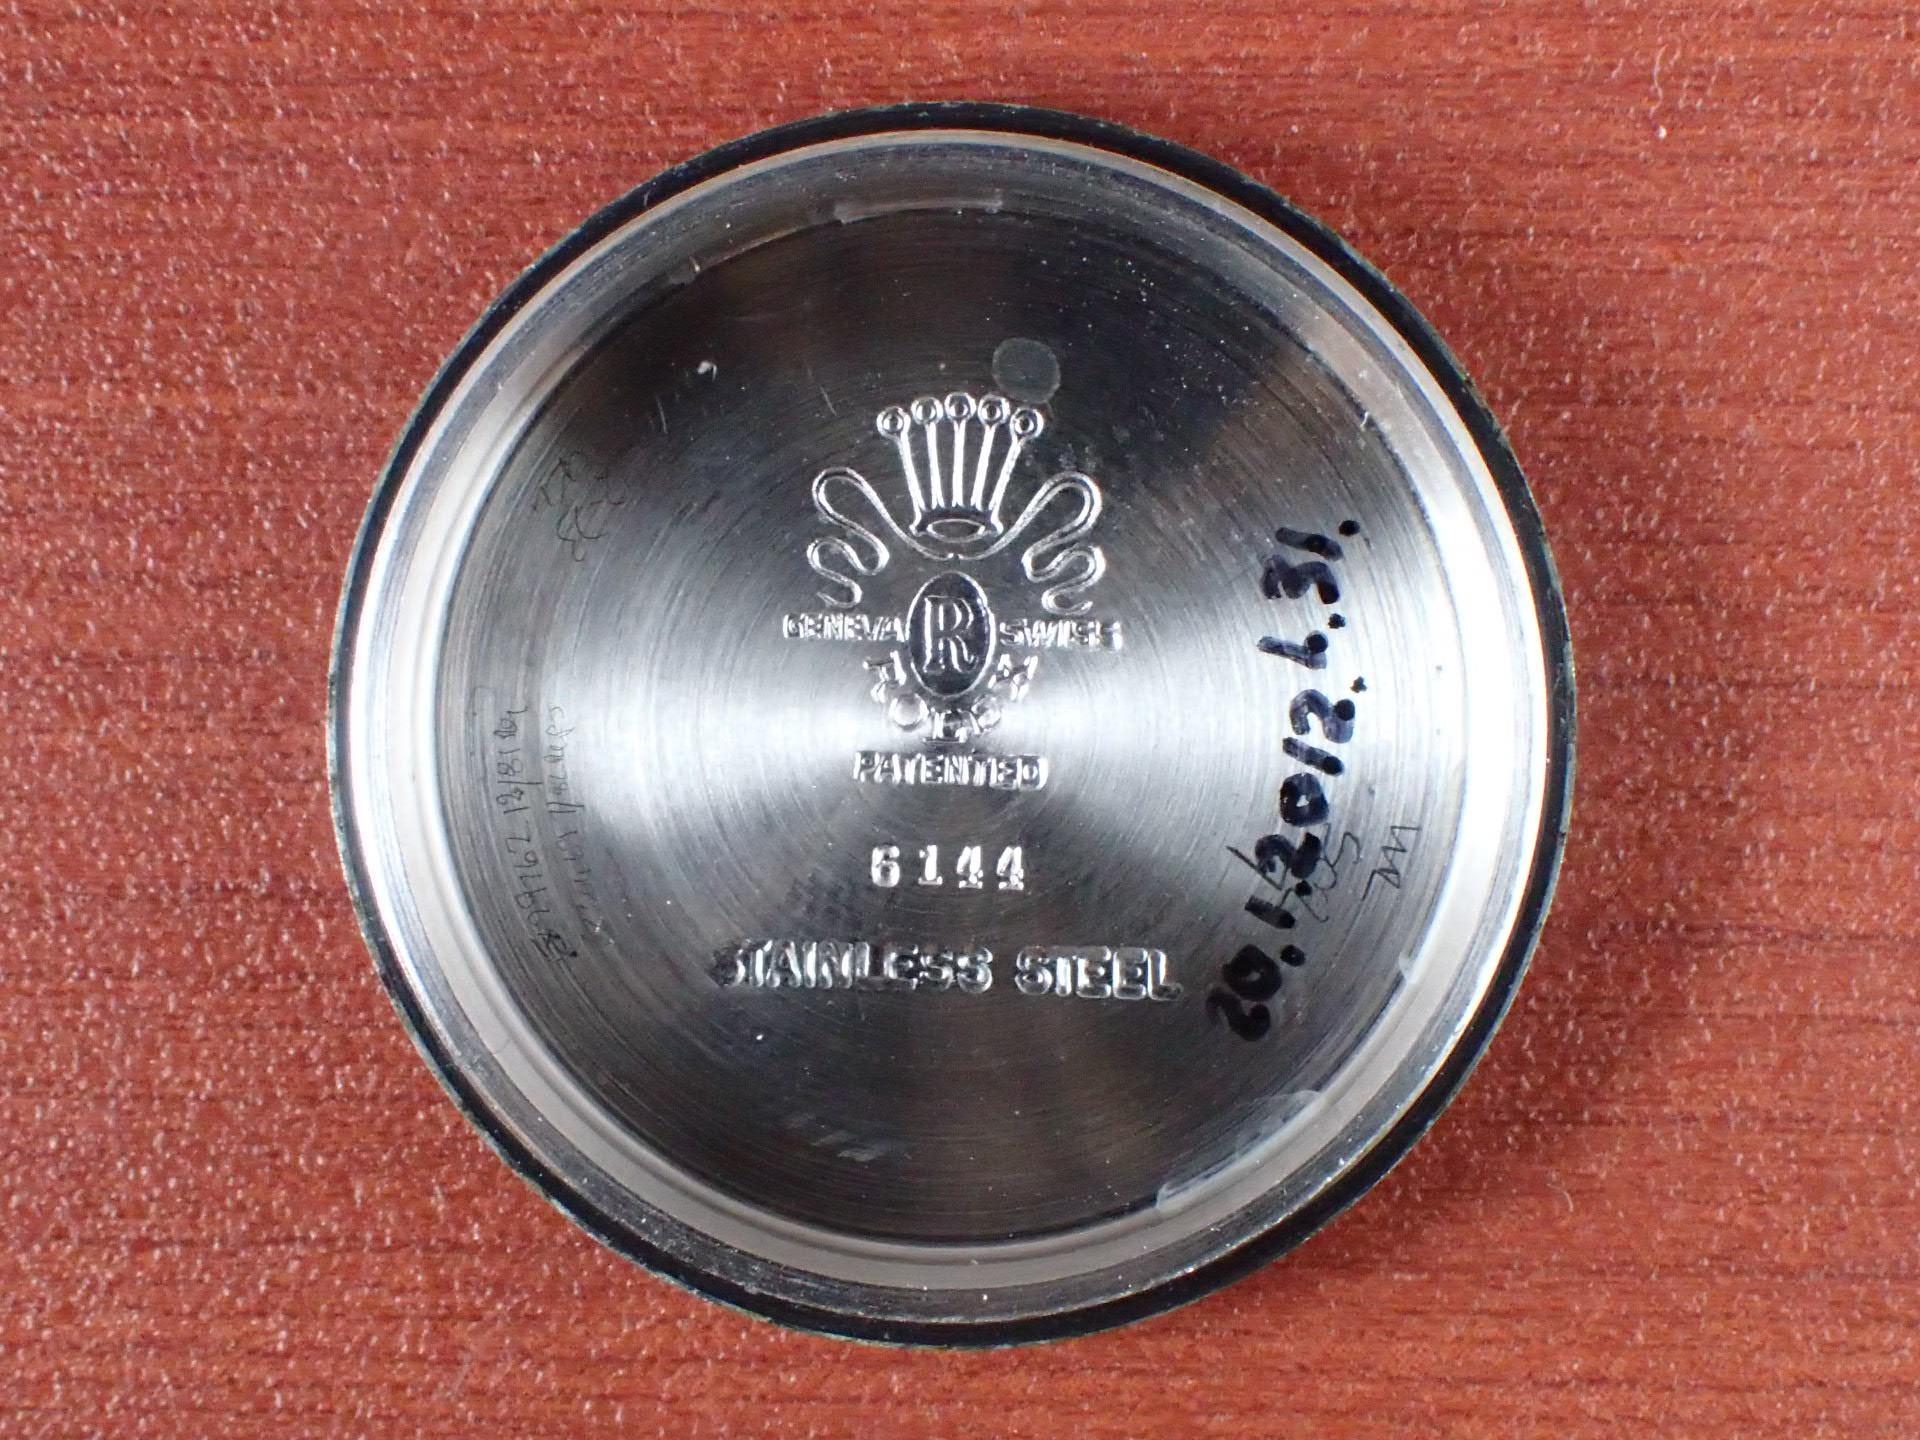 ロレックス オイスター ロイヤル Ref.6144 1950年代の写真6枚目